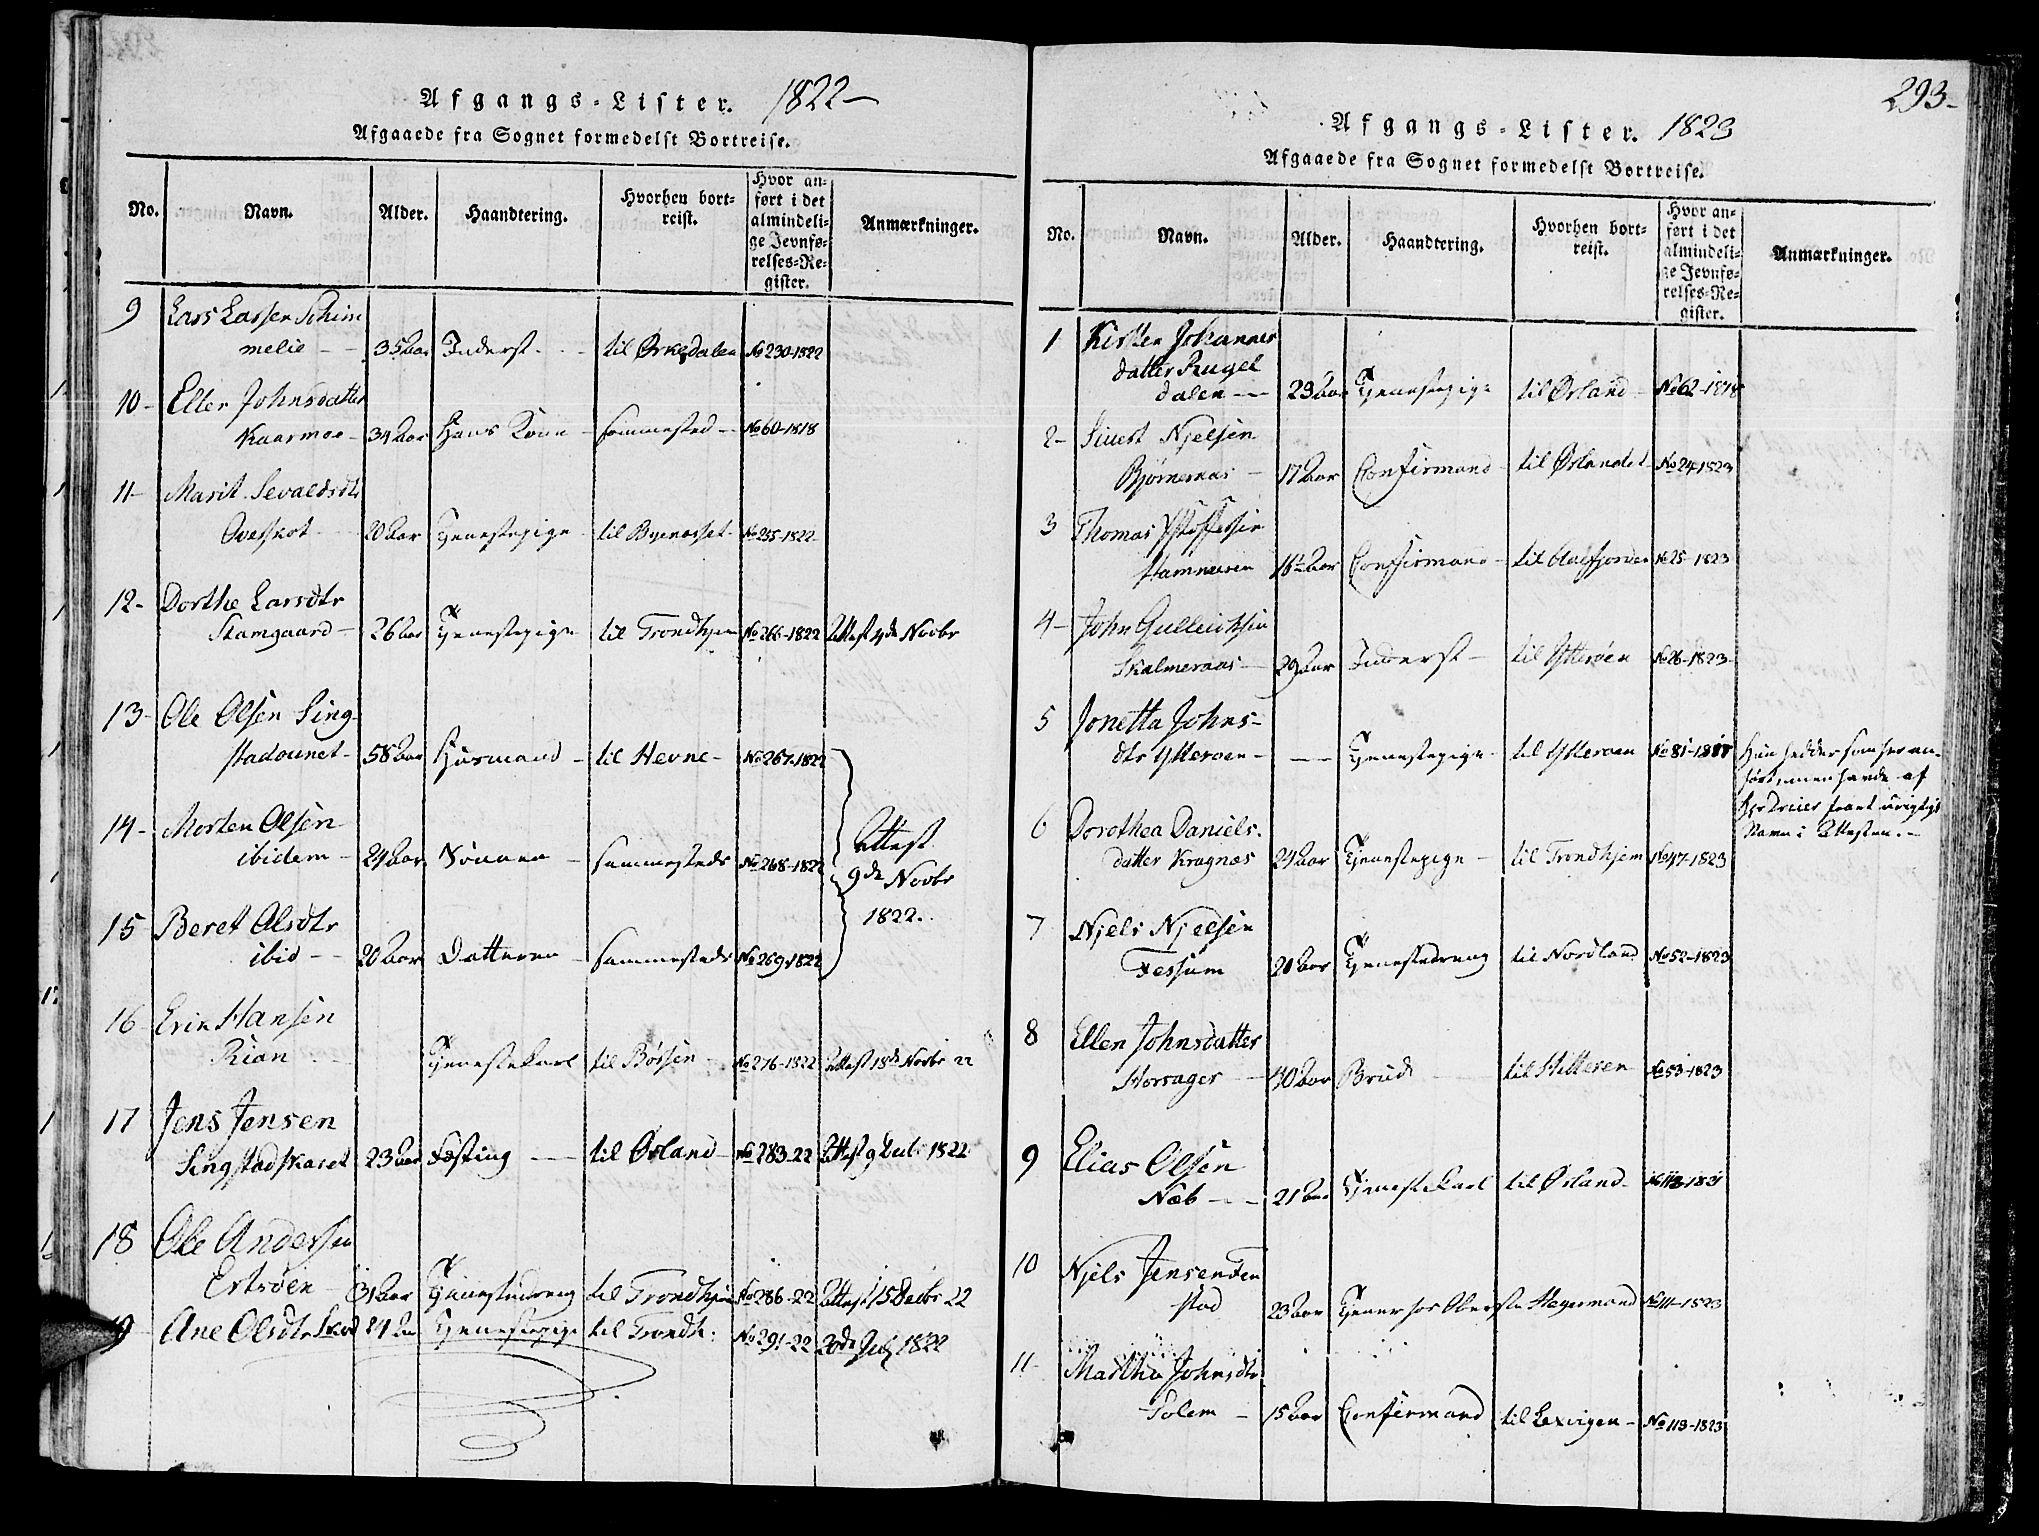 SAT, Ministerialprotokoller, klokkerbøker og fødselsregistre - Sør-Trøndelag, 646/L0608: Ministerialbok nr. 646A06, 1816-1825, s. 293